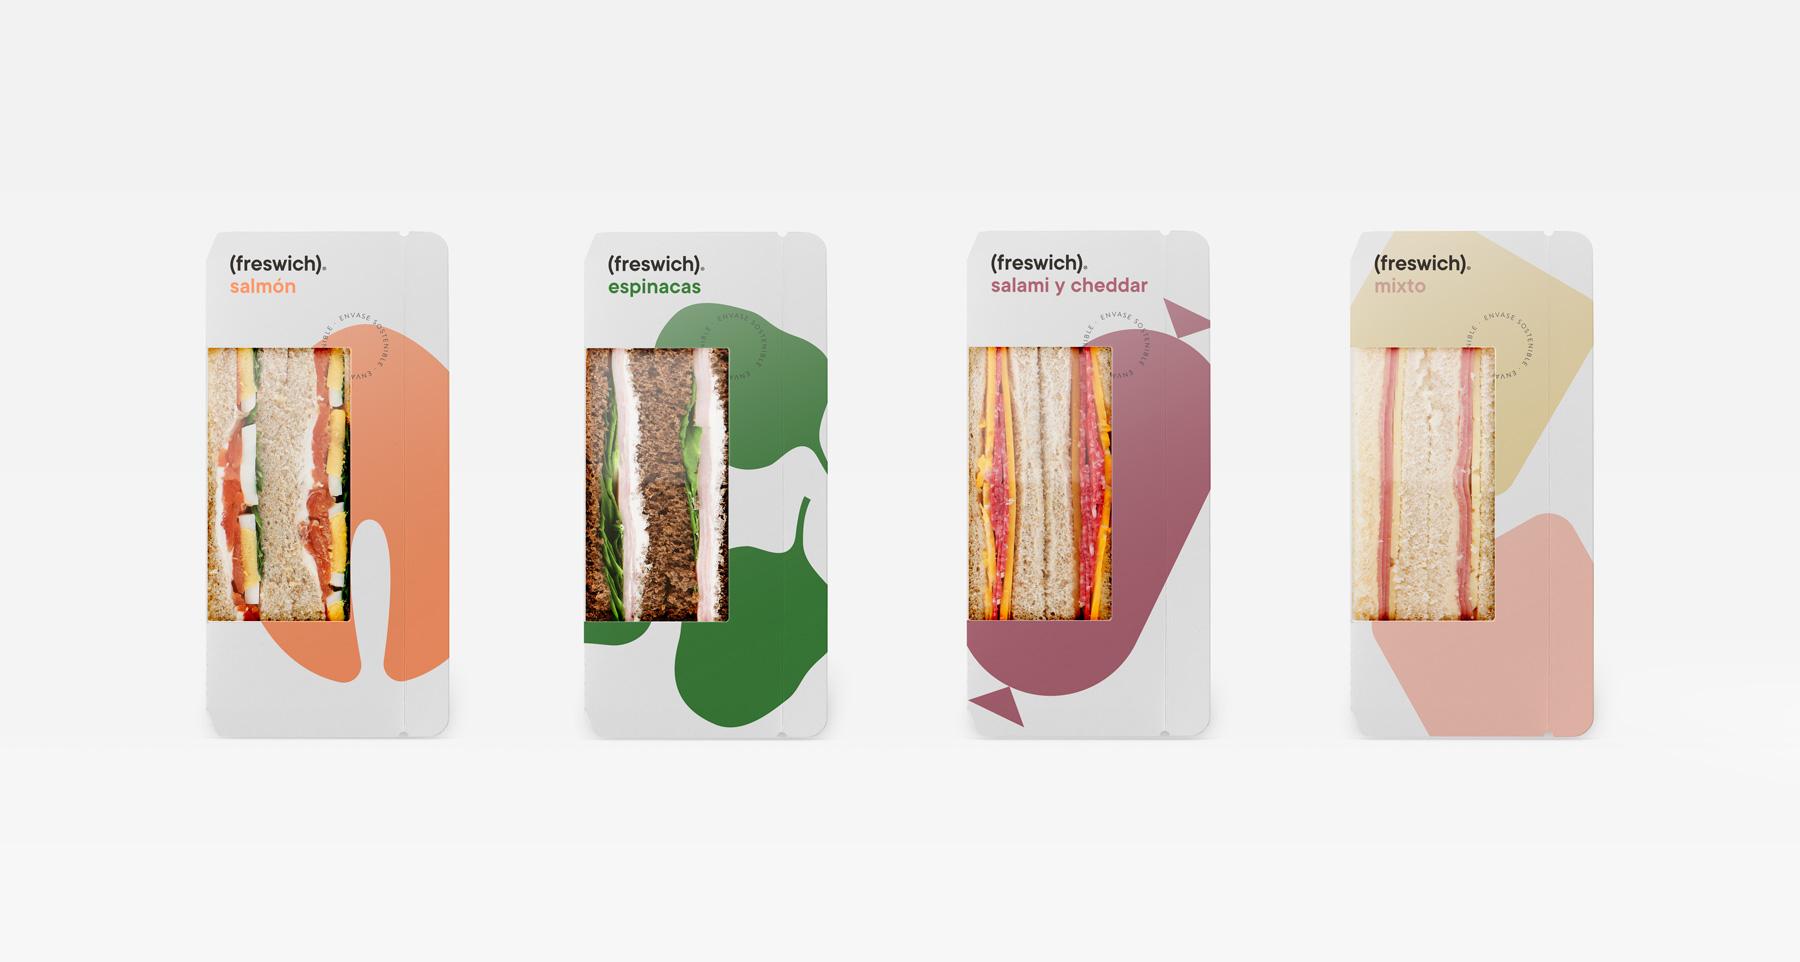 Freswich